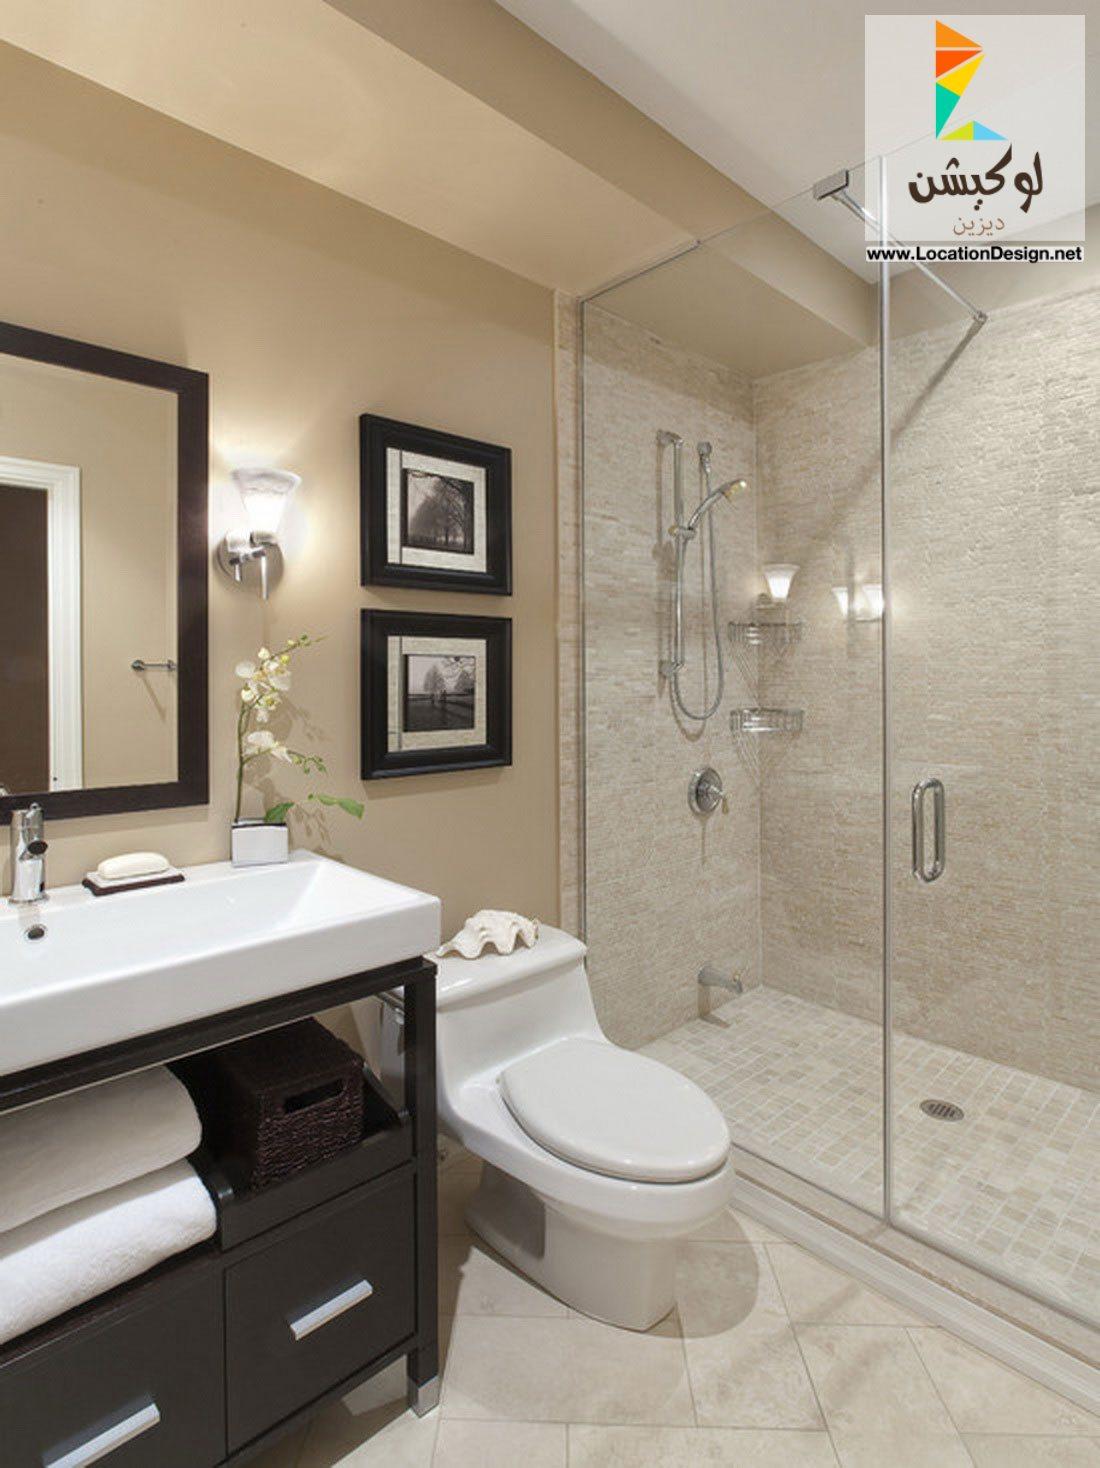 بالصور ديكورات الحمامات , اجمل الاشكال الخاصة بالحمامات 3297 12